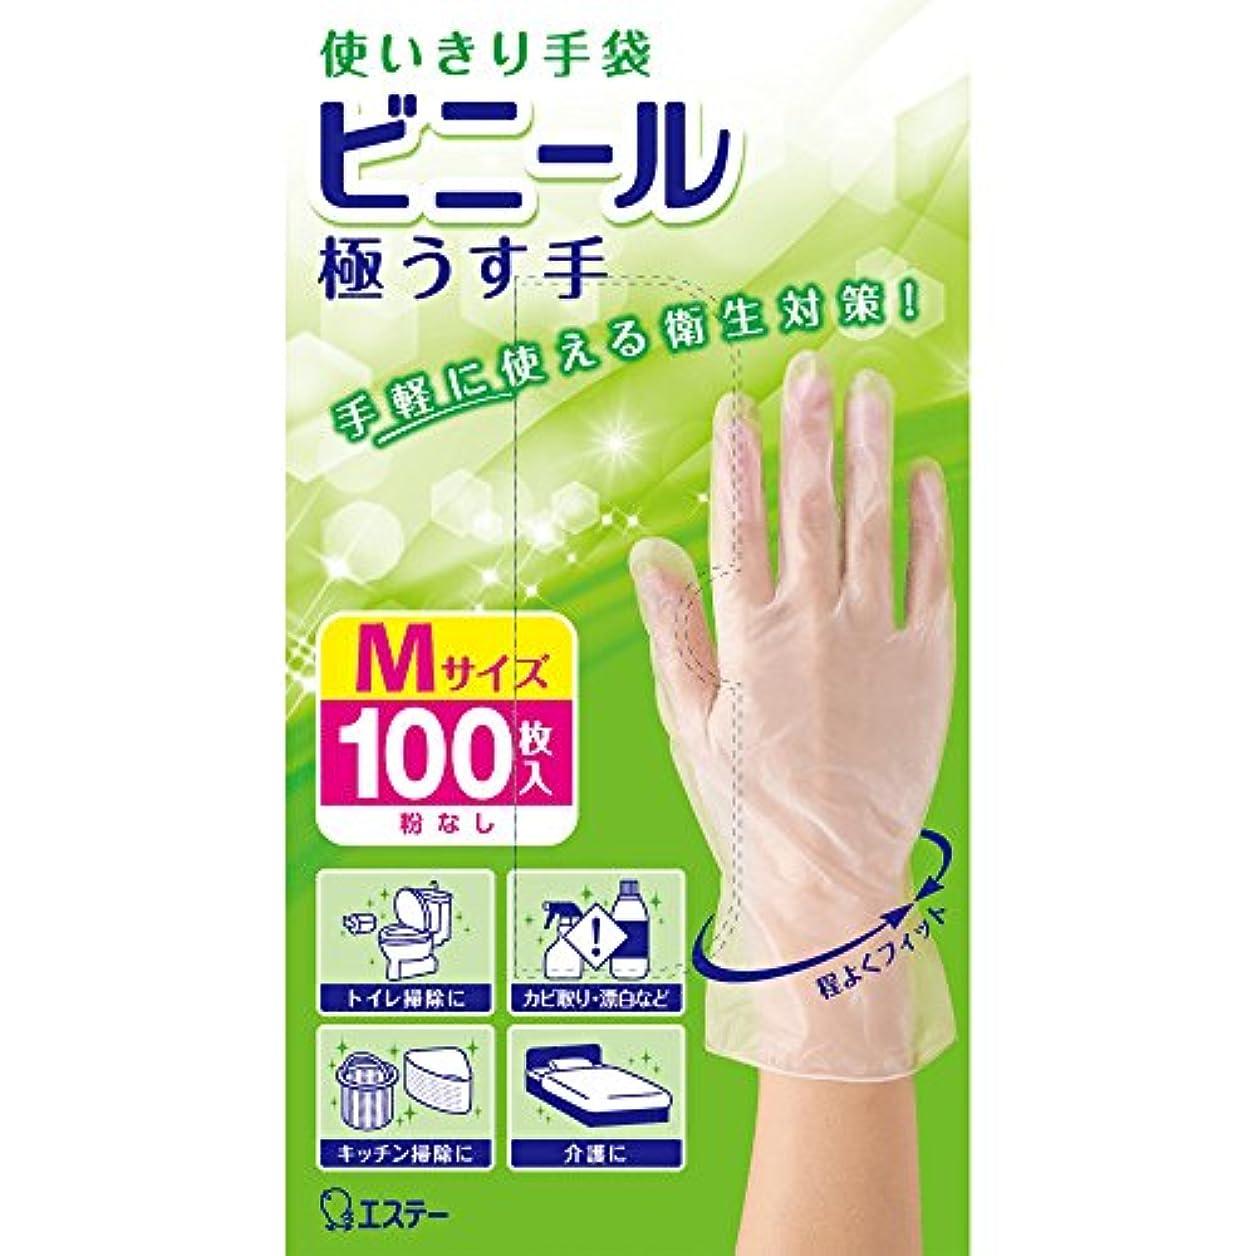 夫換気するステートメント使いきり手袋 ビニール 極うす手 炊事?掃除用 Mサイズ 半透明 100枚